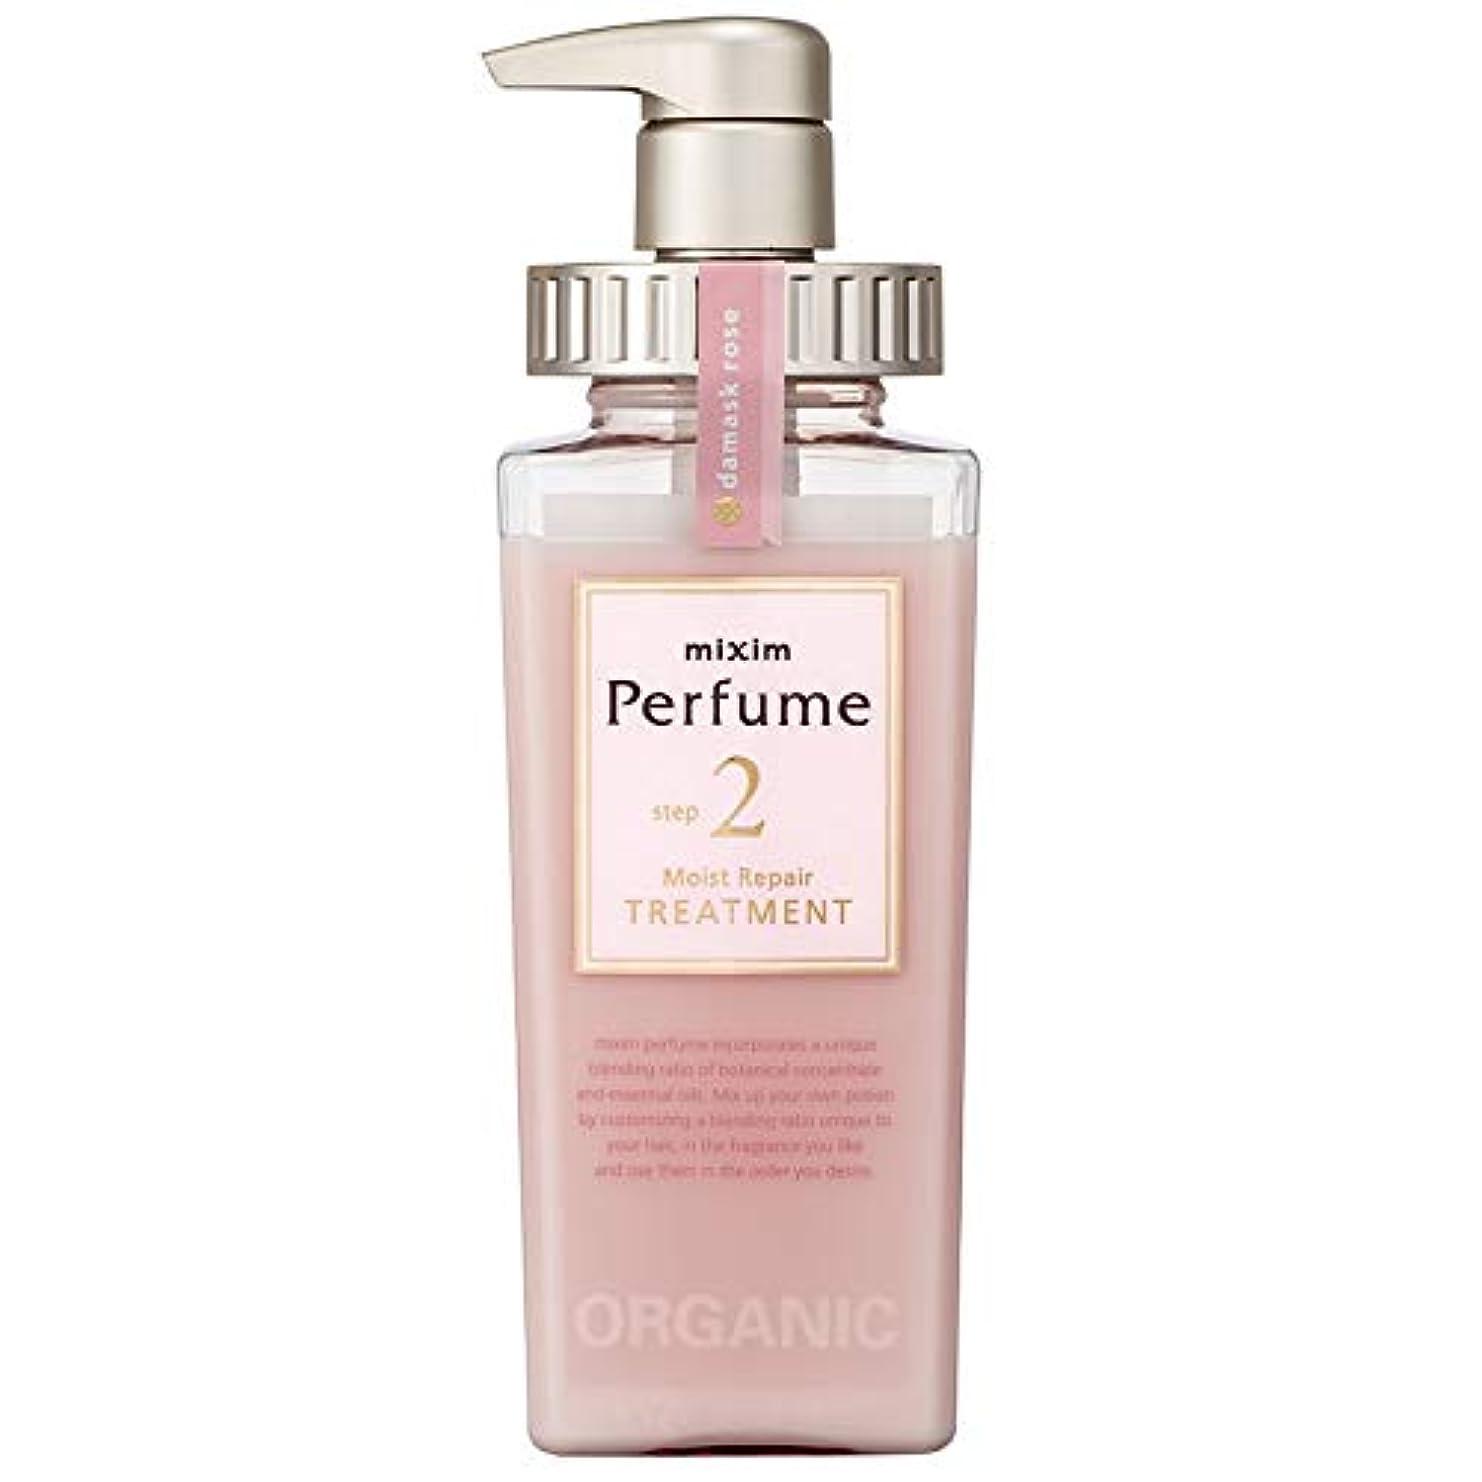 レベル行うヤギmixim Perfume(ミクシムパフューム) モイストリペア ヘアトリートメント 440g